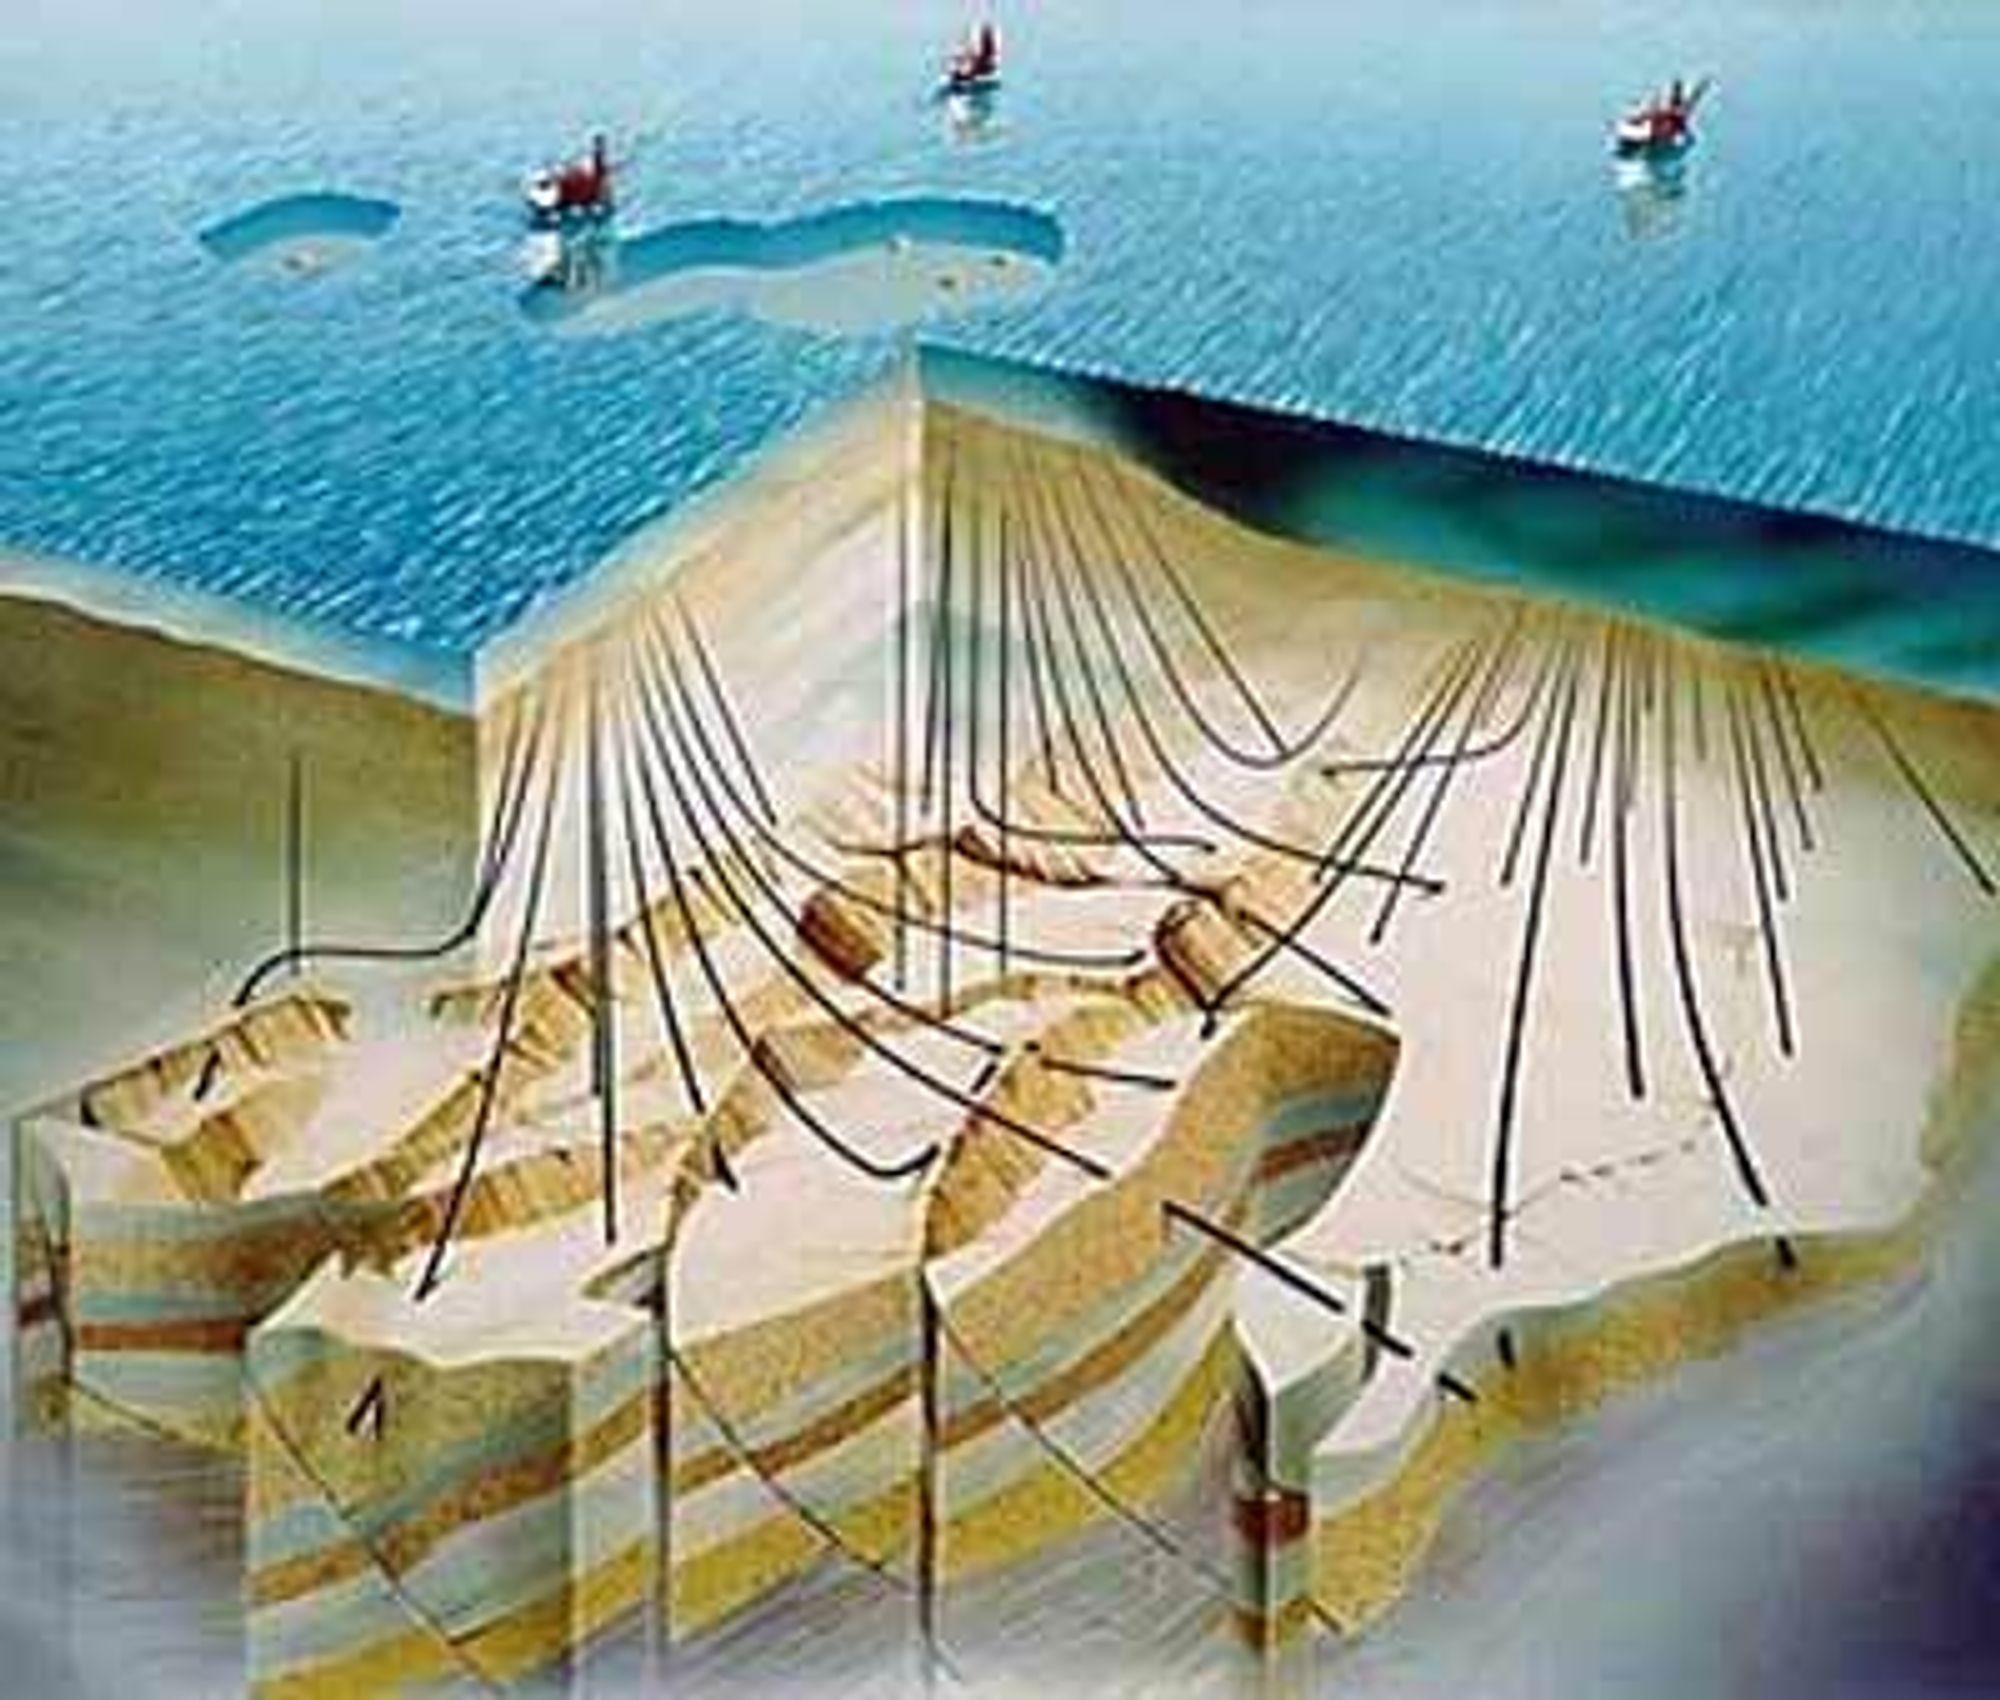 Satellitt-feltene til Gullfaks bores i dag som dette. Dolly-boringen skiller seg ut fra dette mønsteret. Ill: Statoil